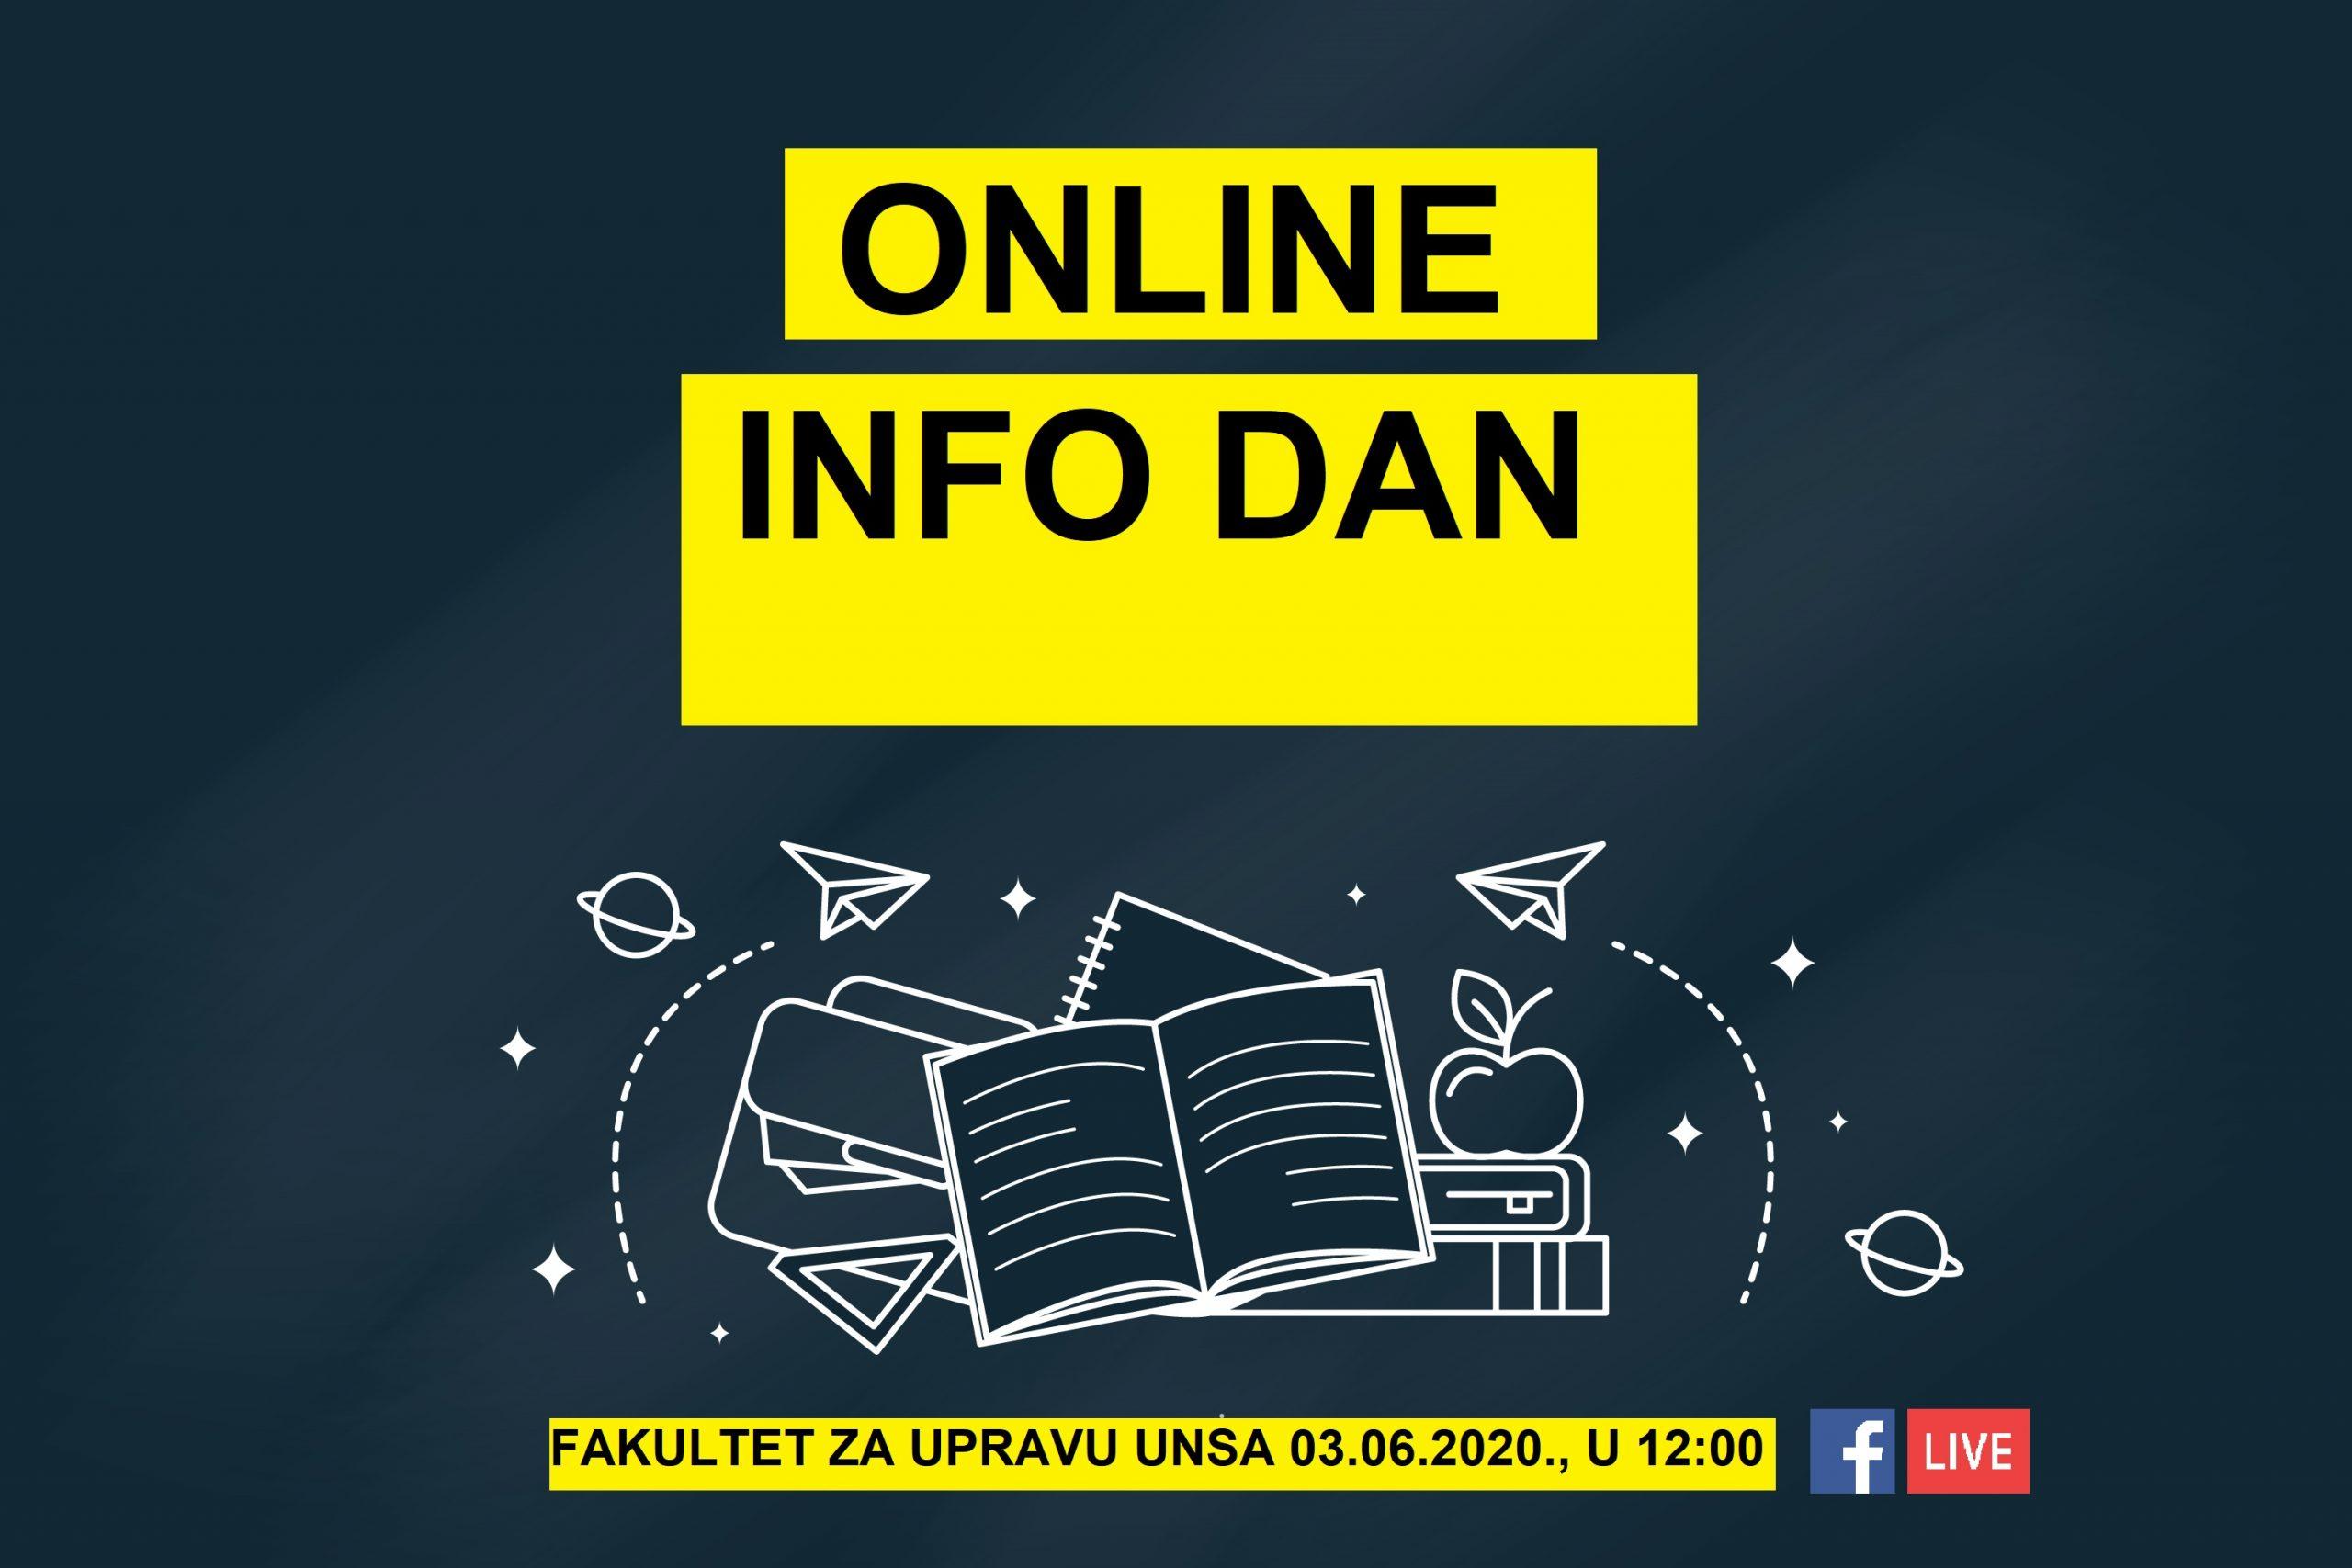 Fakultet za upravu Univerziteta u Sarajevu danas organizuje online info dan